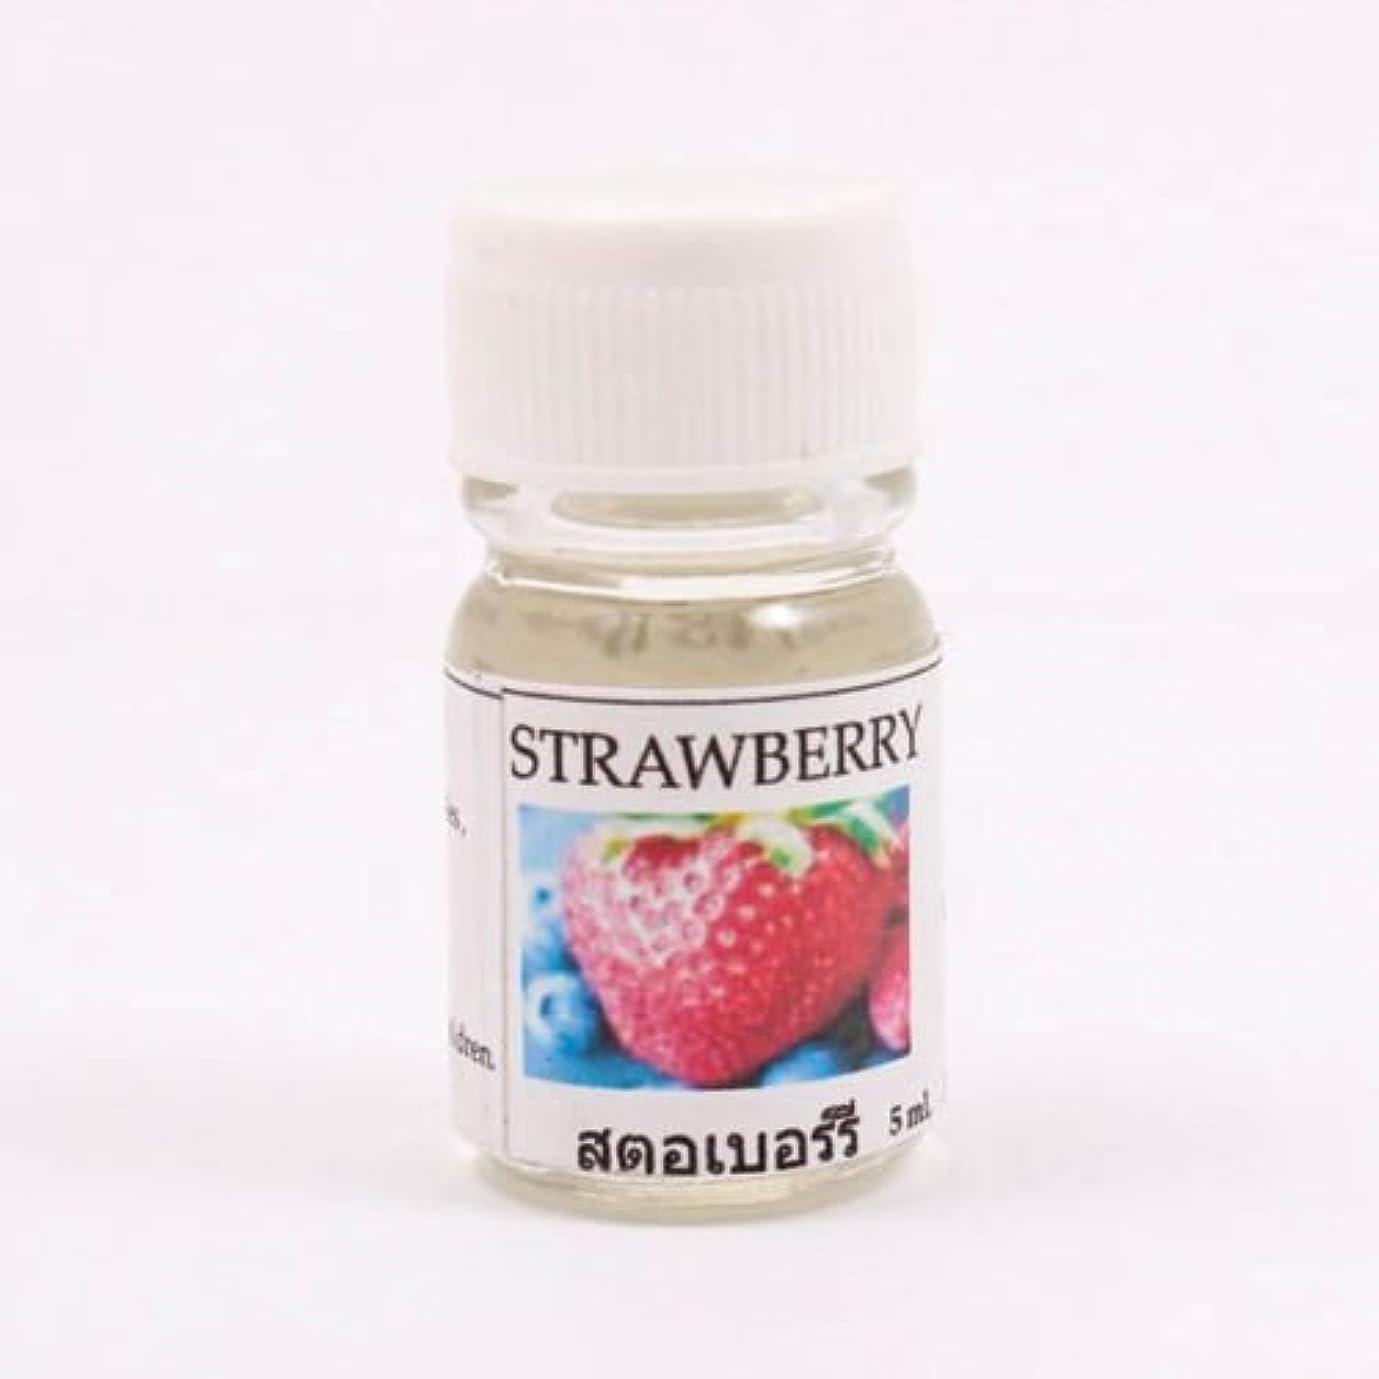 タイプ義務づける離婚6X Strawberry Aroma Fragrance Essential Oil 5ML cc Diffuser Burner Therapy